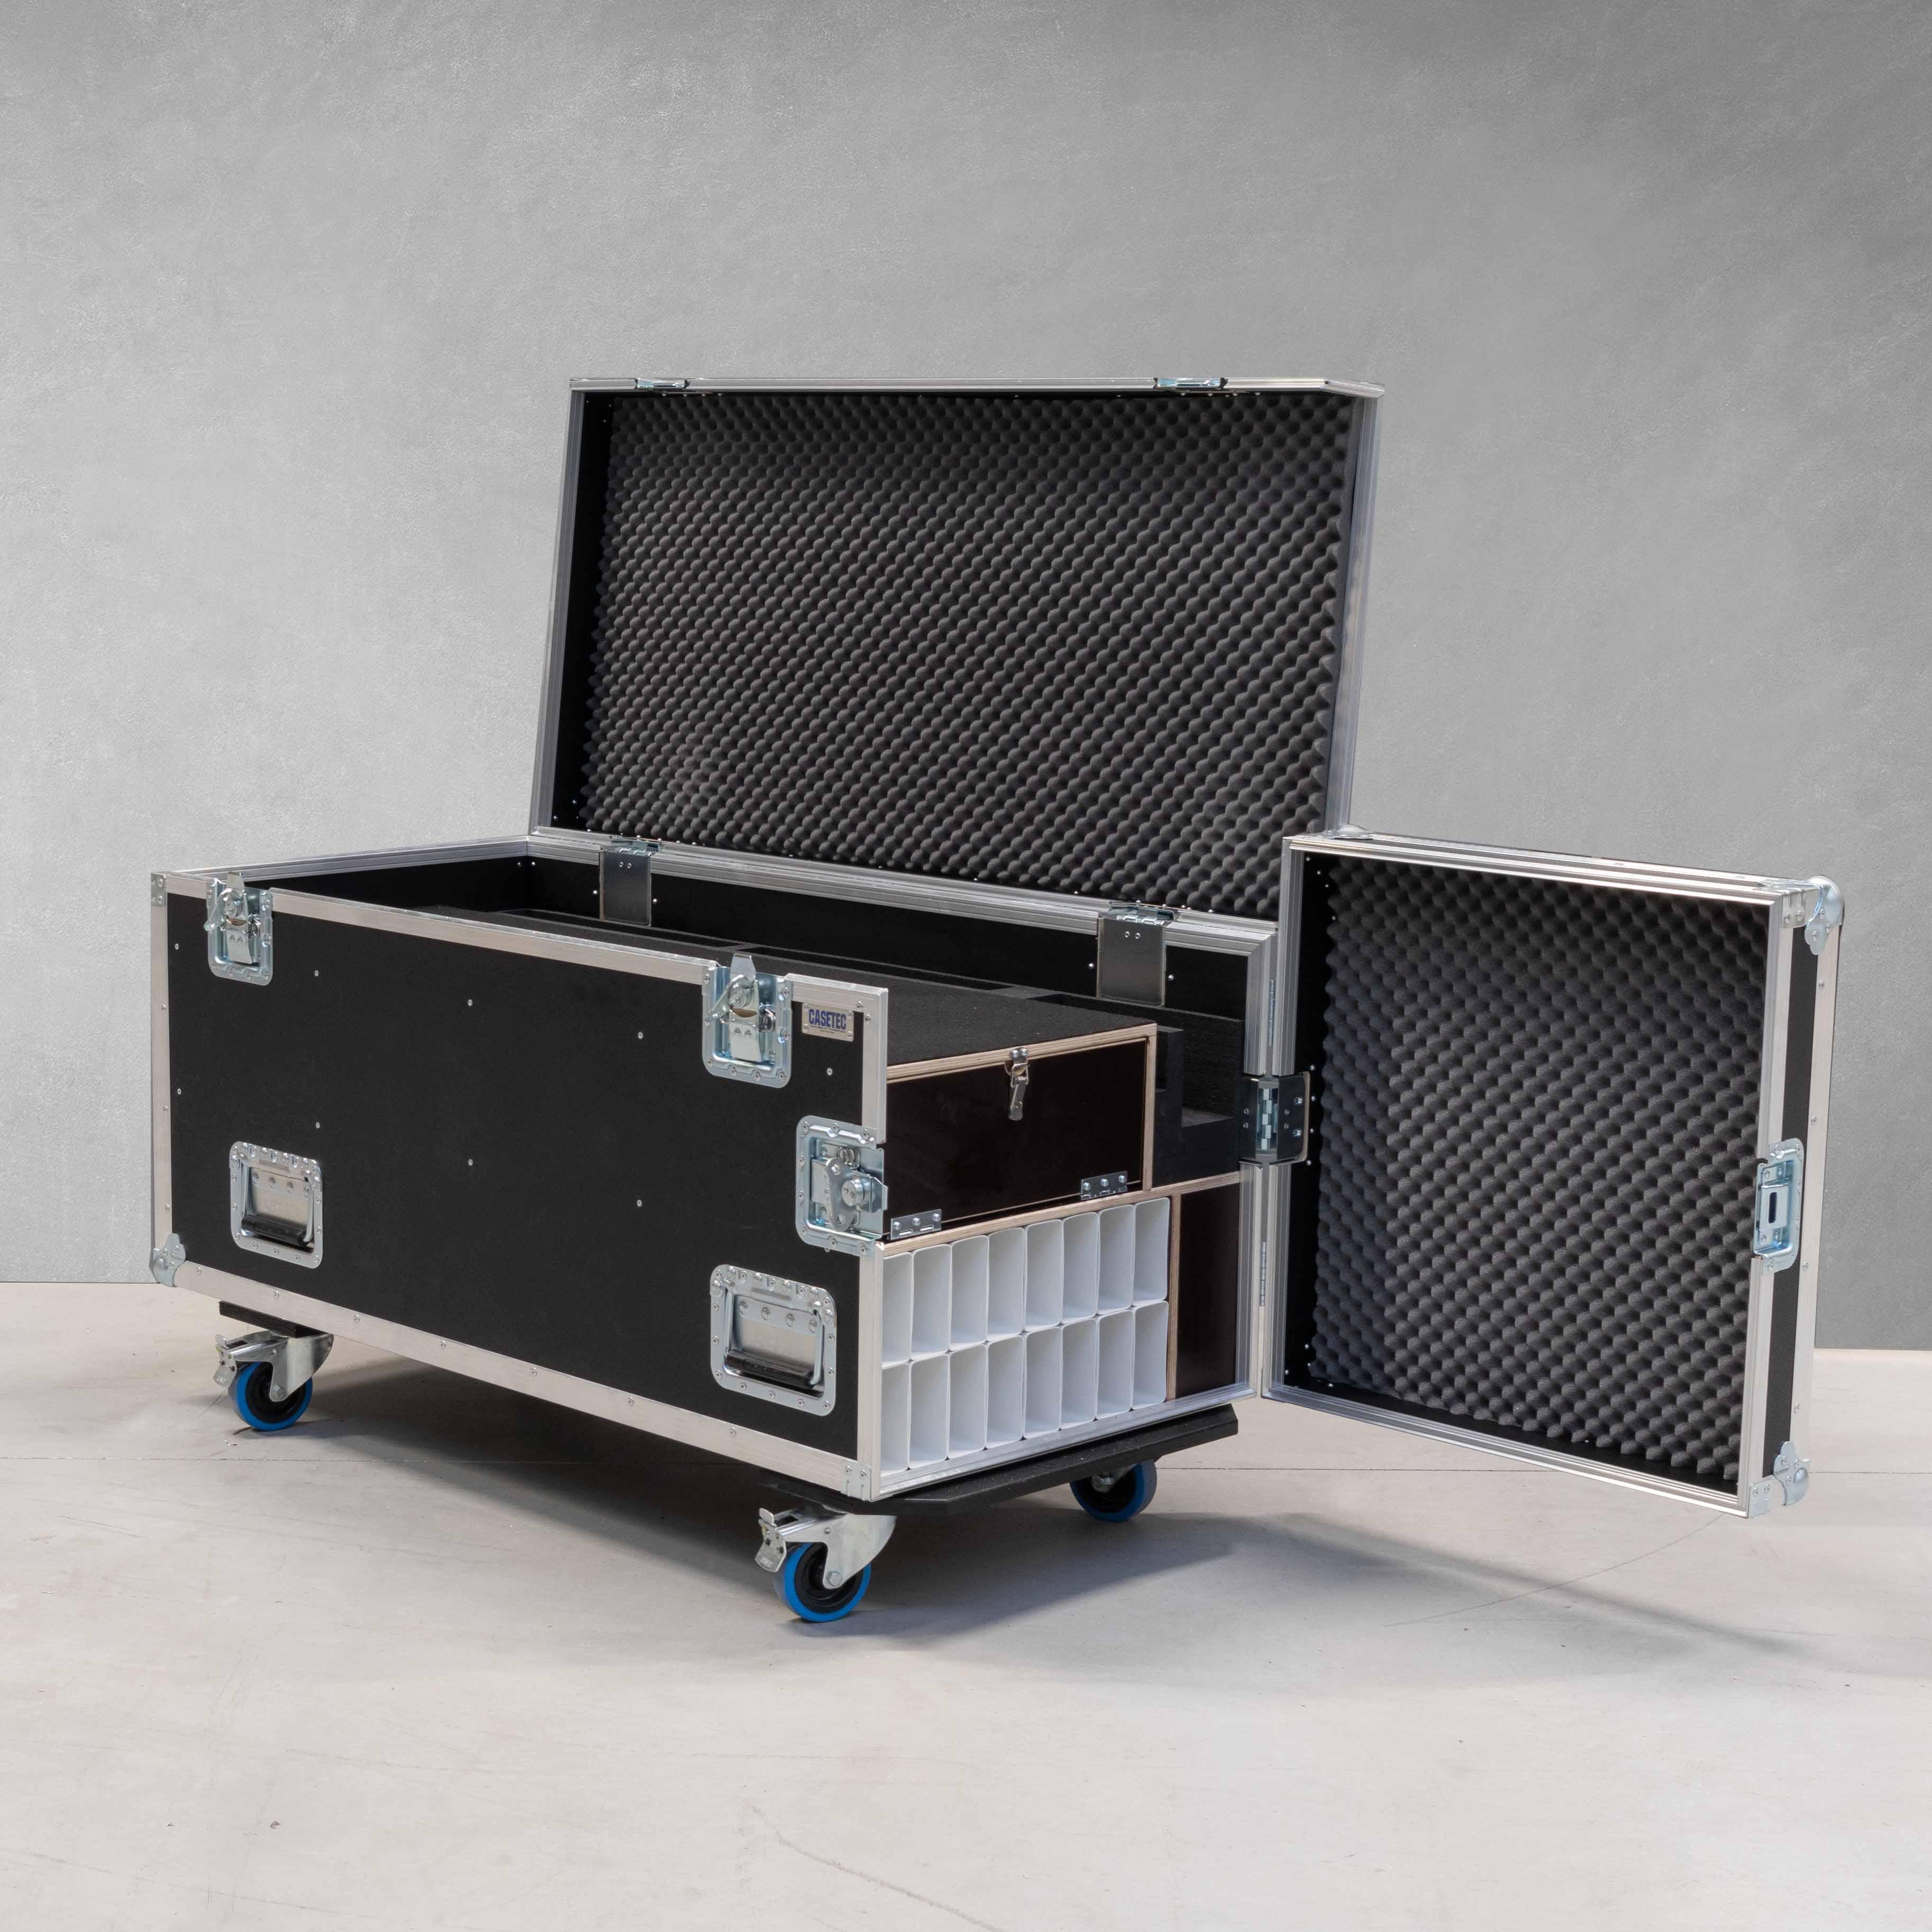 Universal-Flightcase für Stumpfl FullWhite Compact Leinwand bis 6 Meter Breite